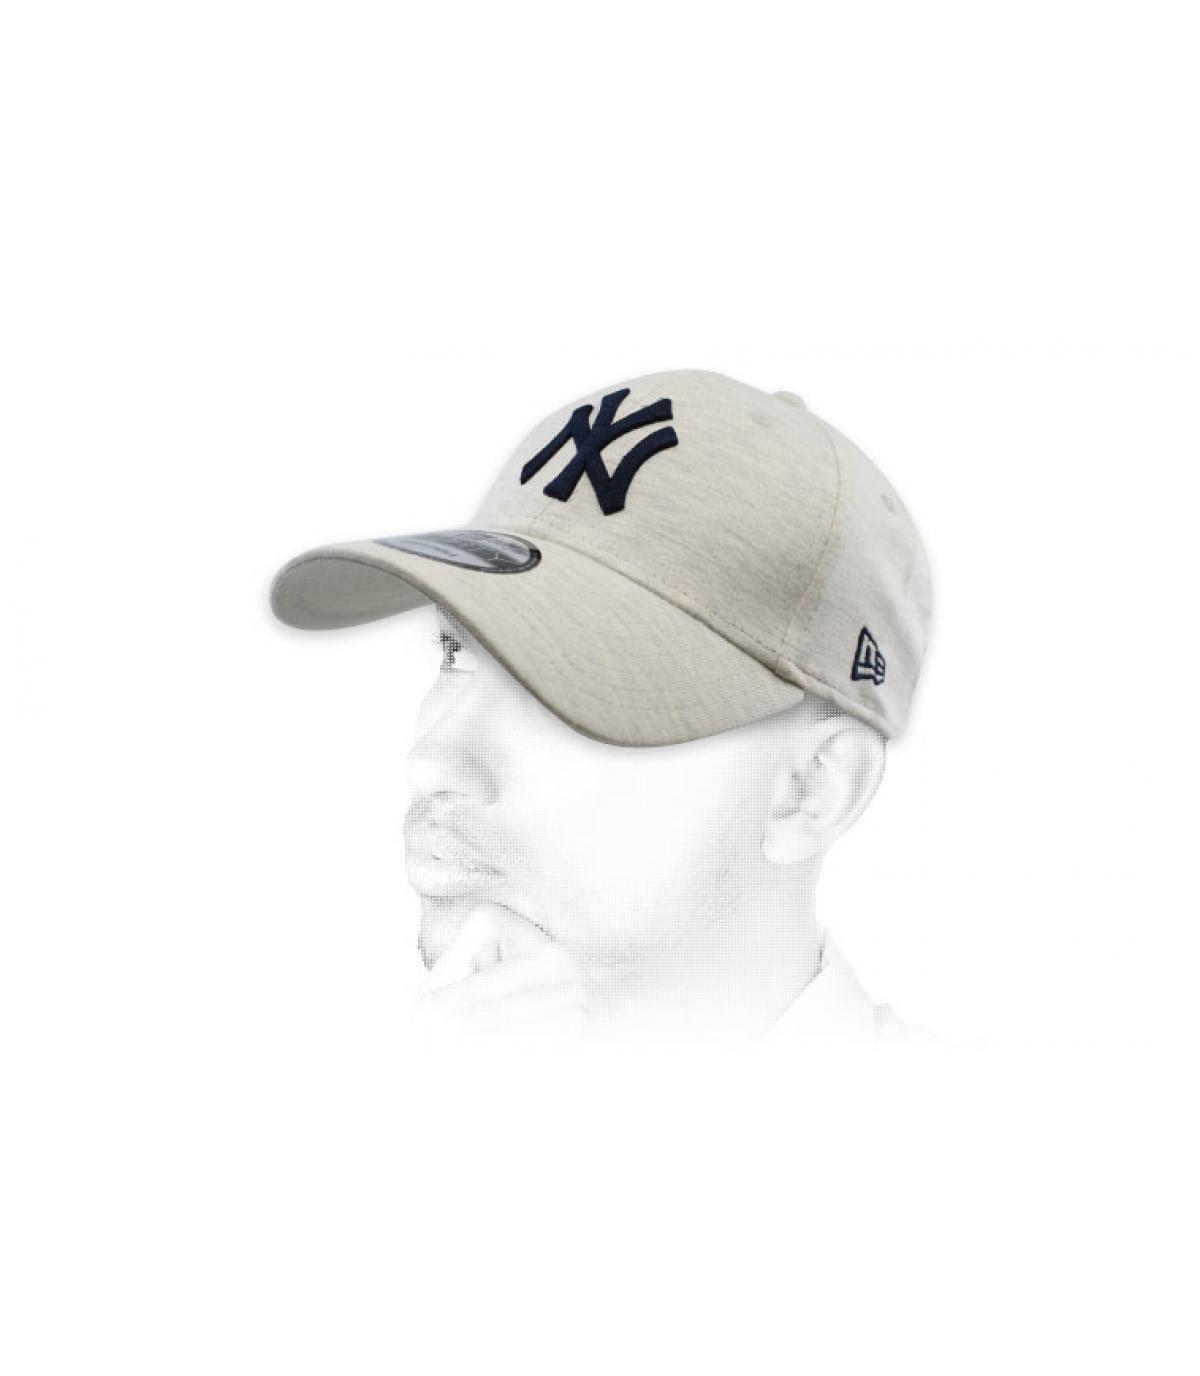 grey and blue NY cap